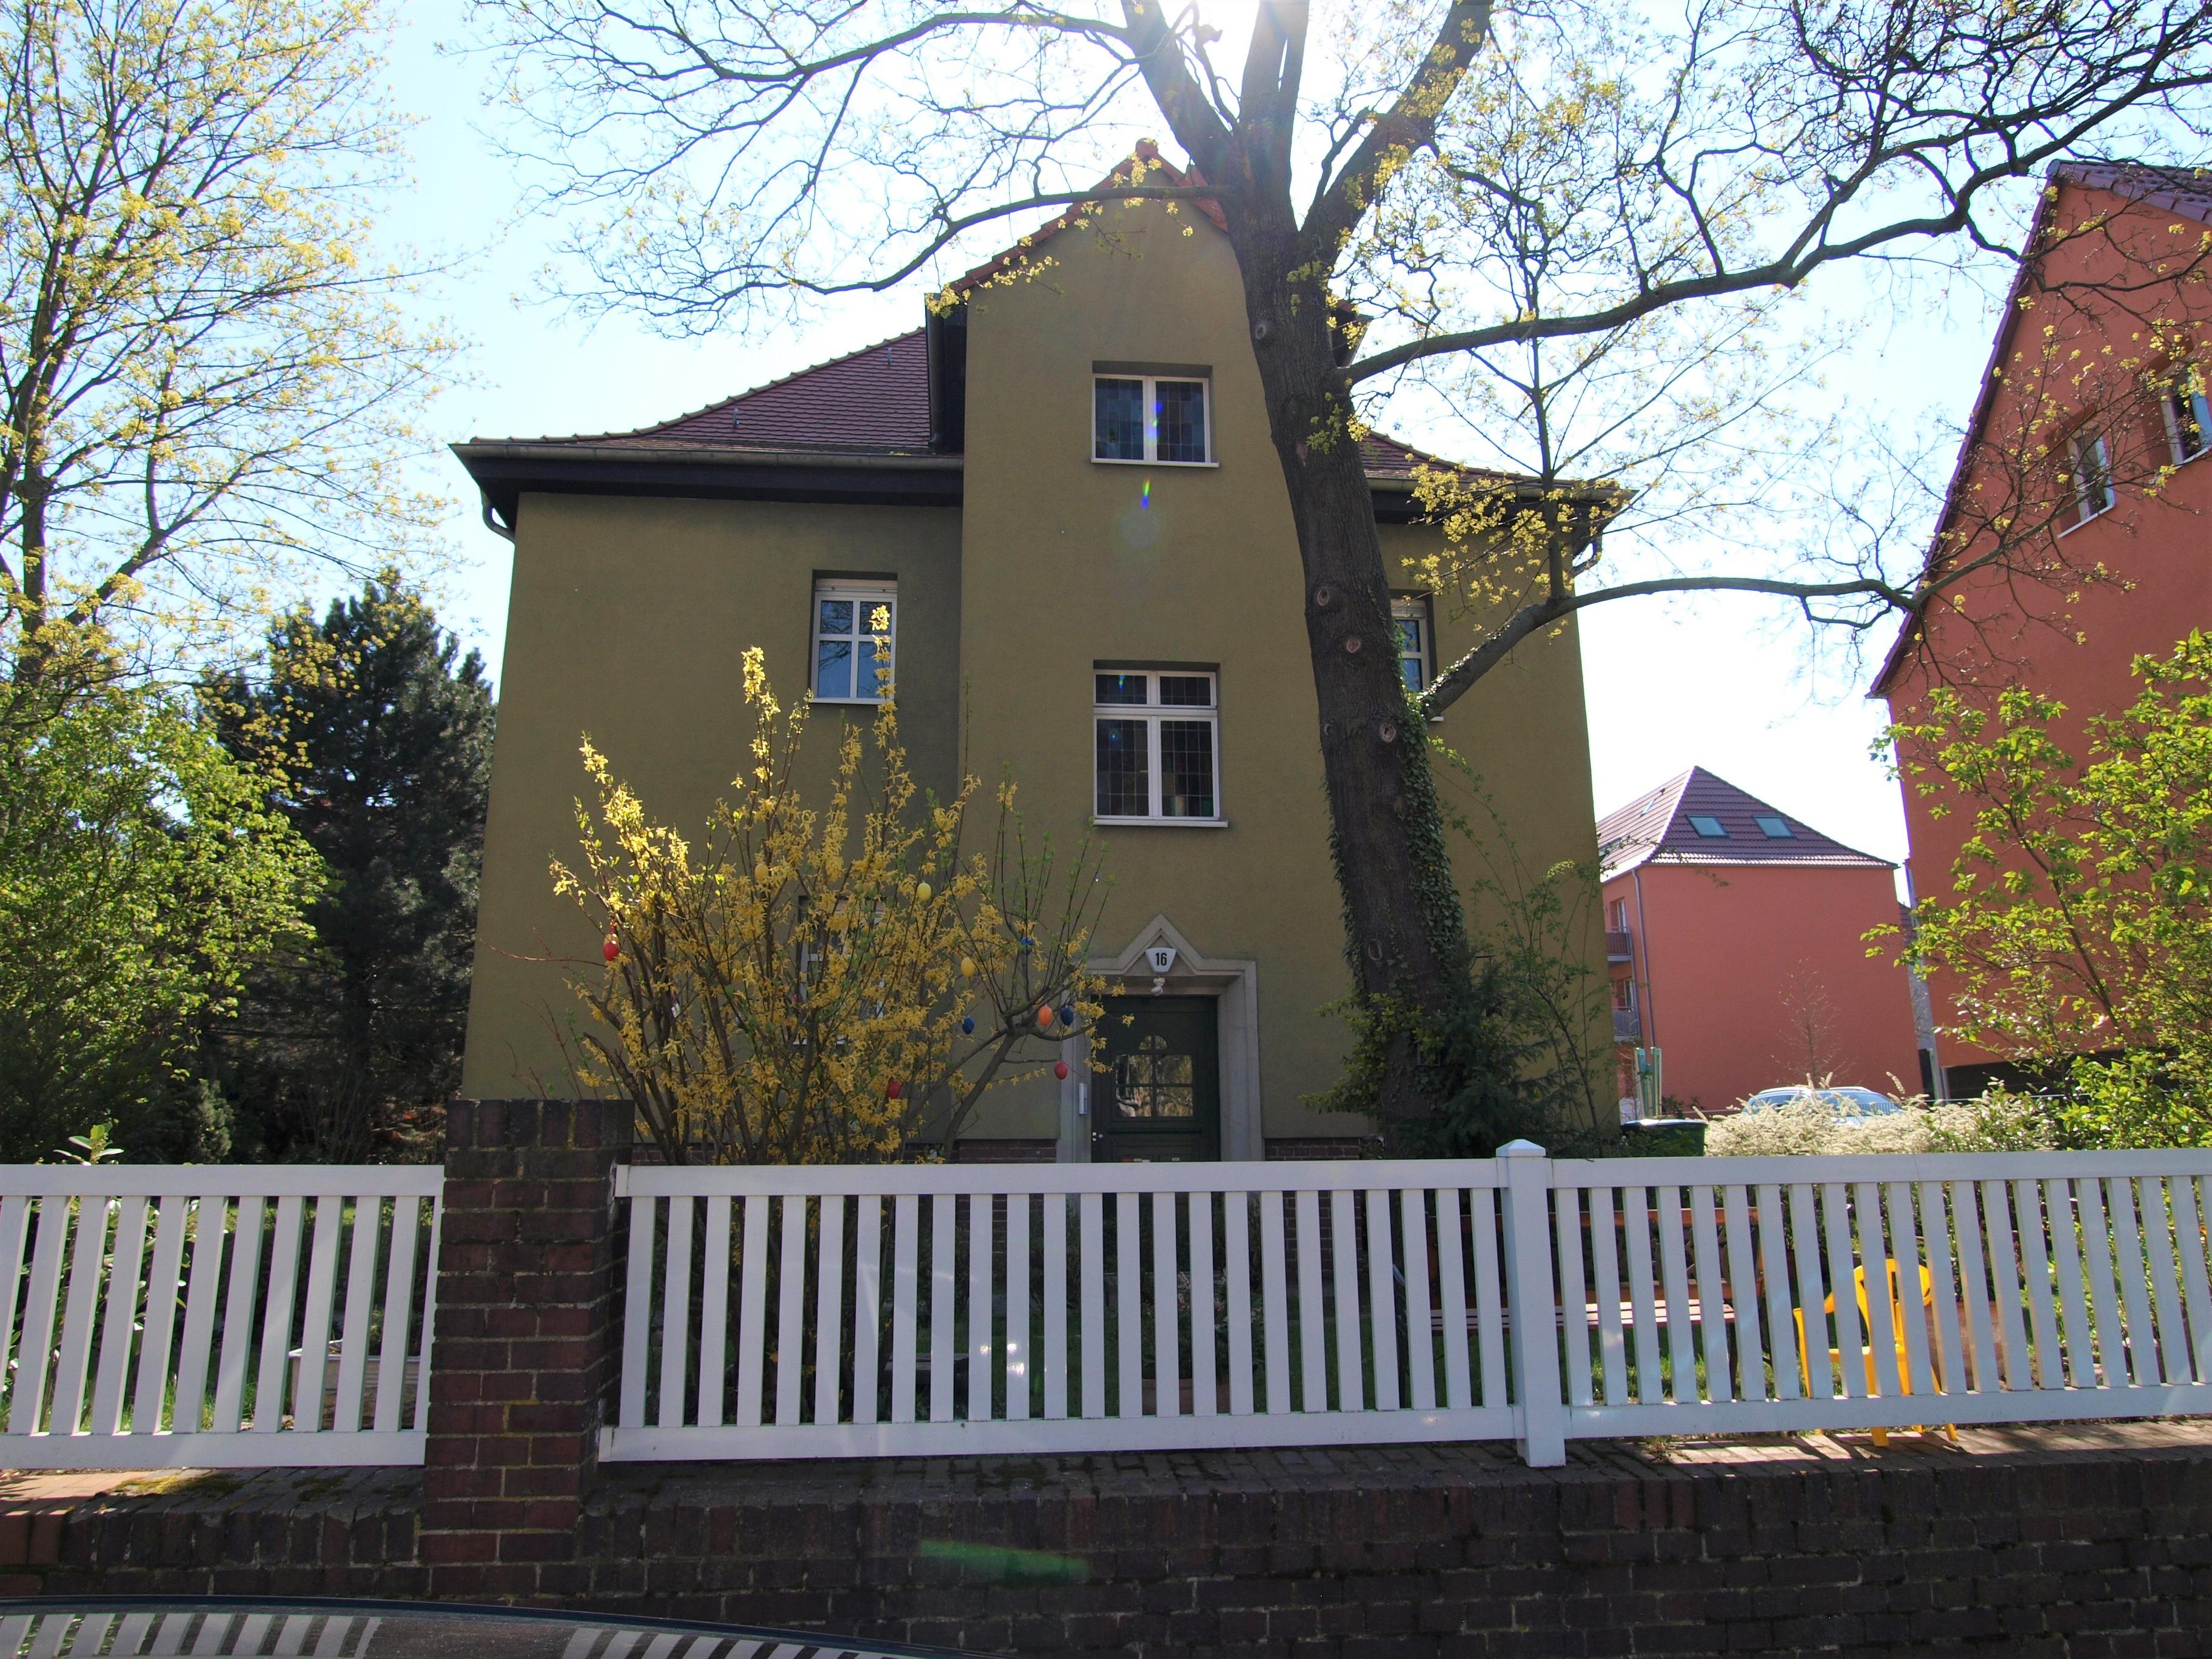 Eigentumswohnung Halle - Straßenansicht